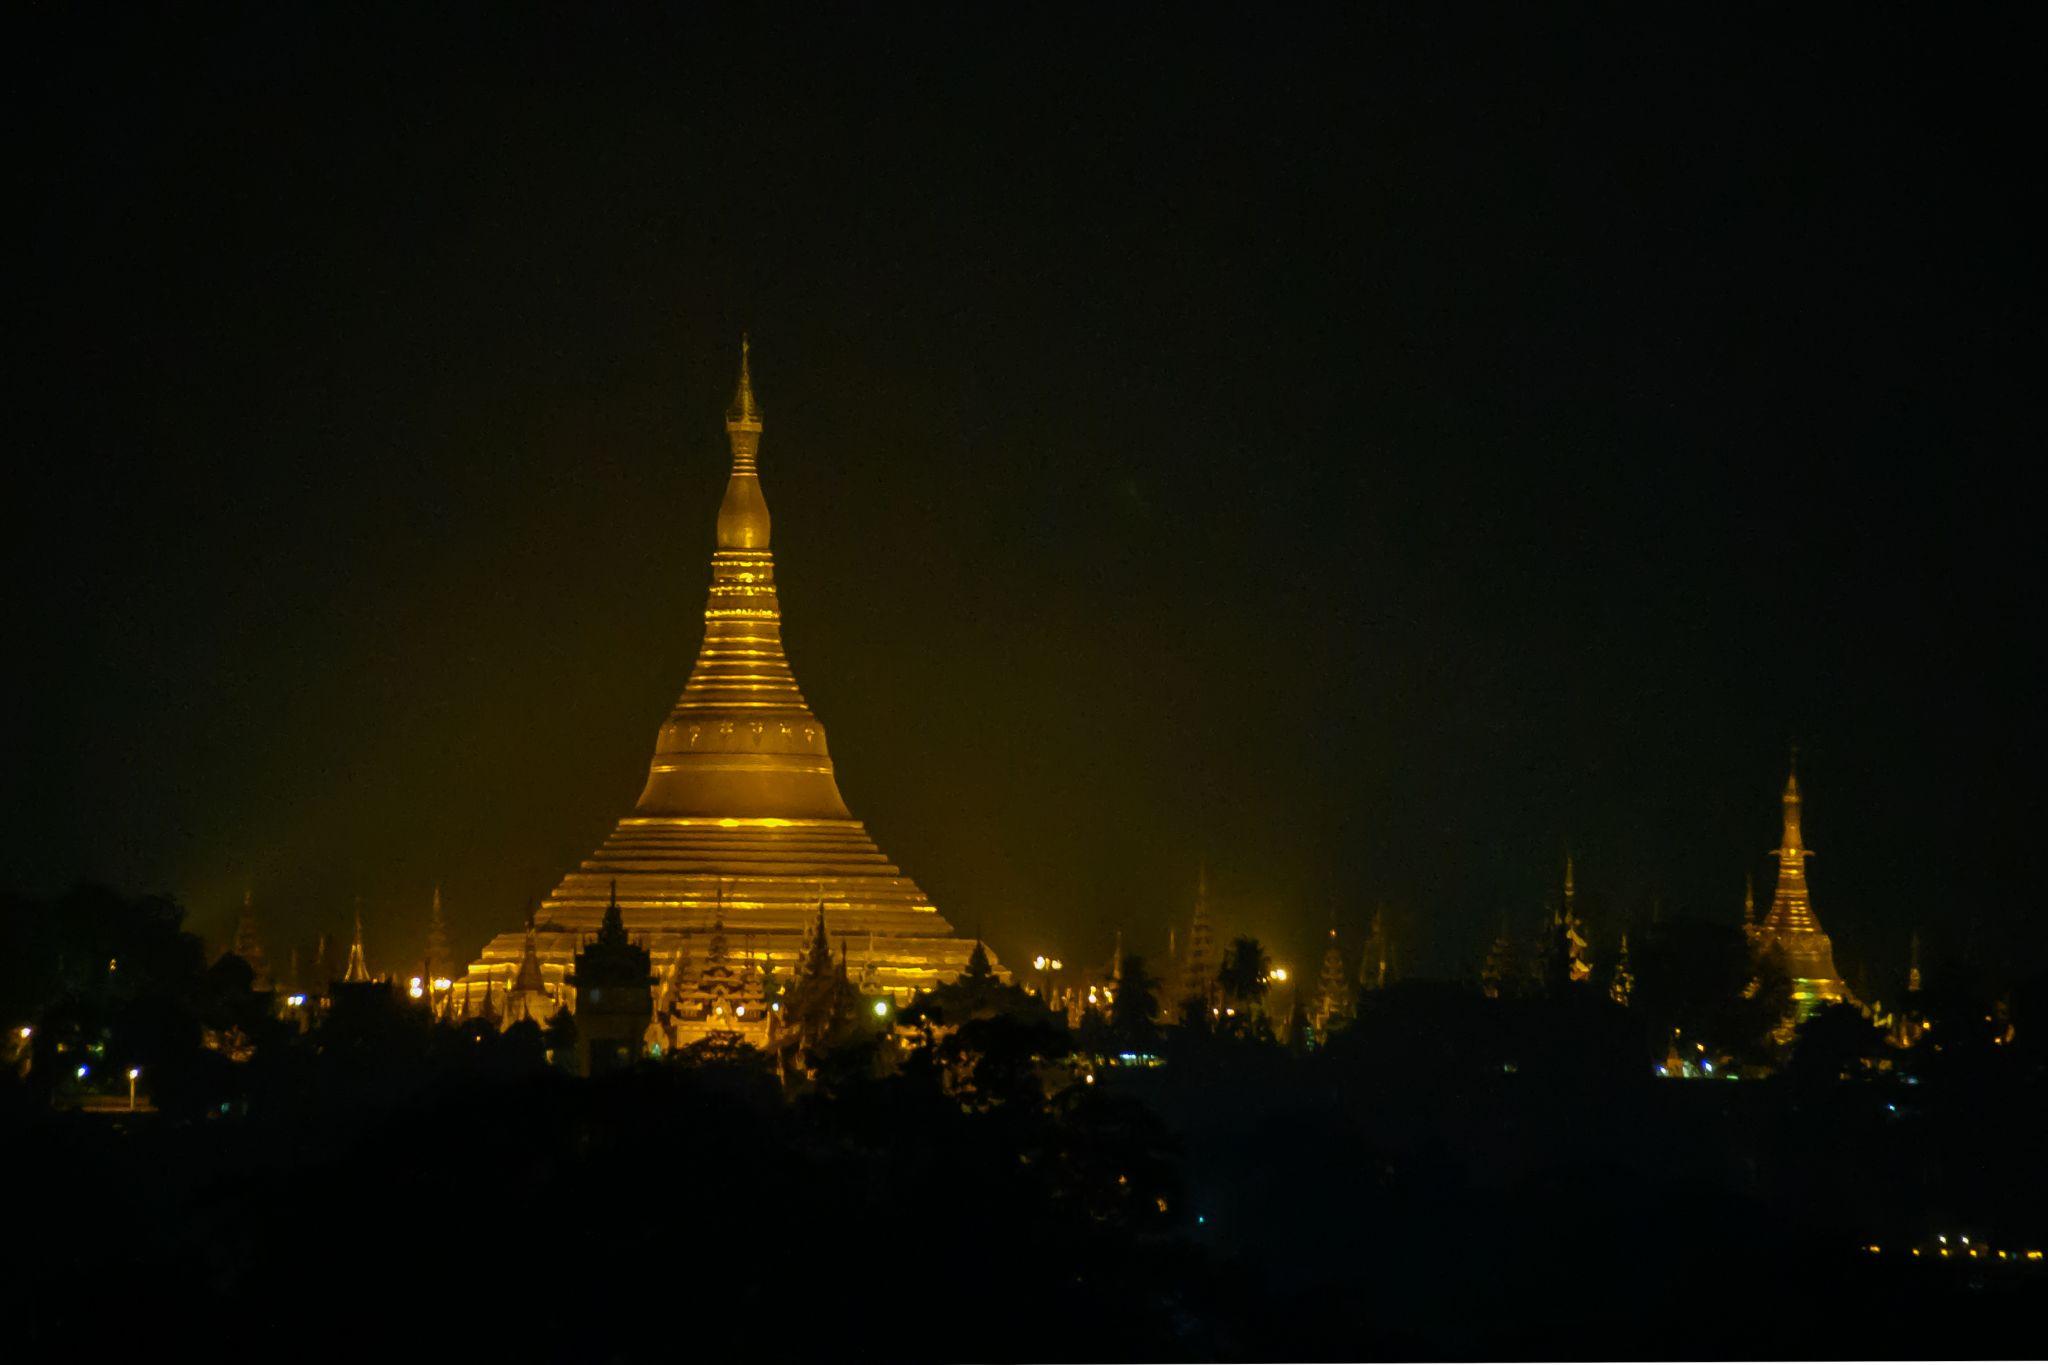 Unique view of Shwedagon Pagoda, Myanmar